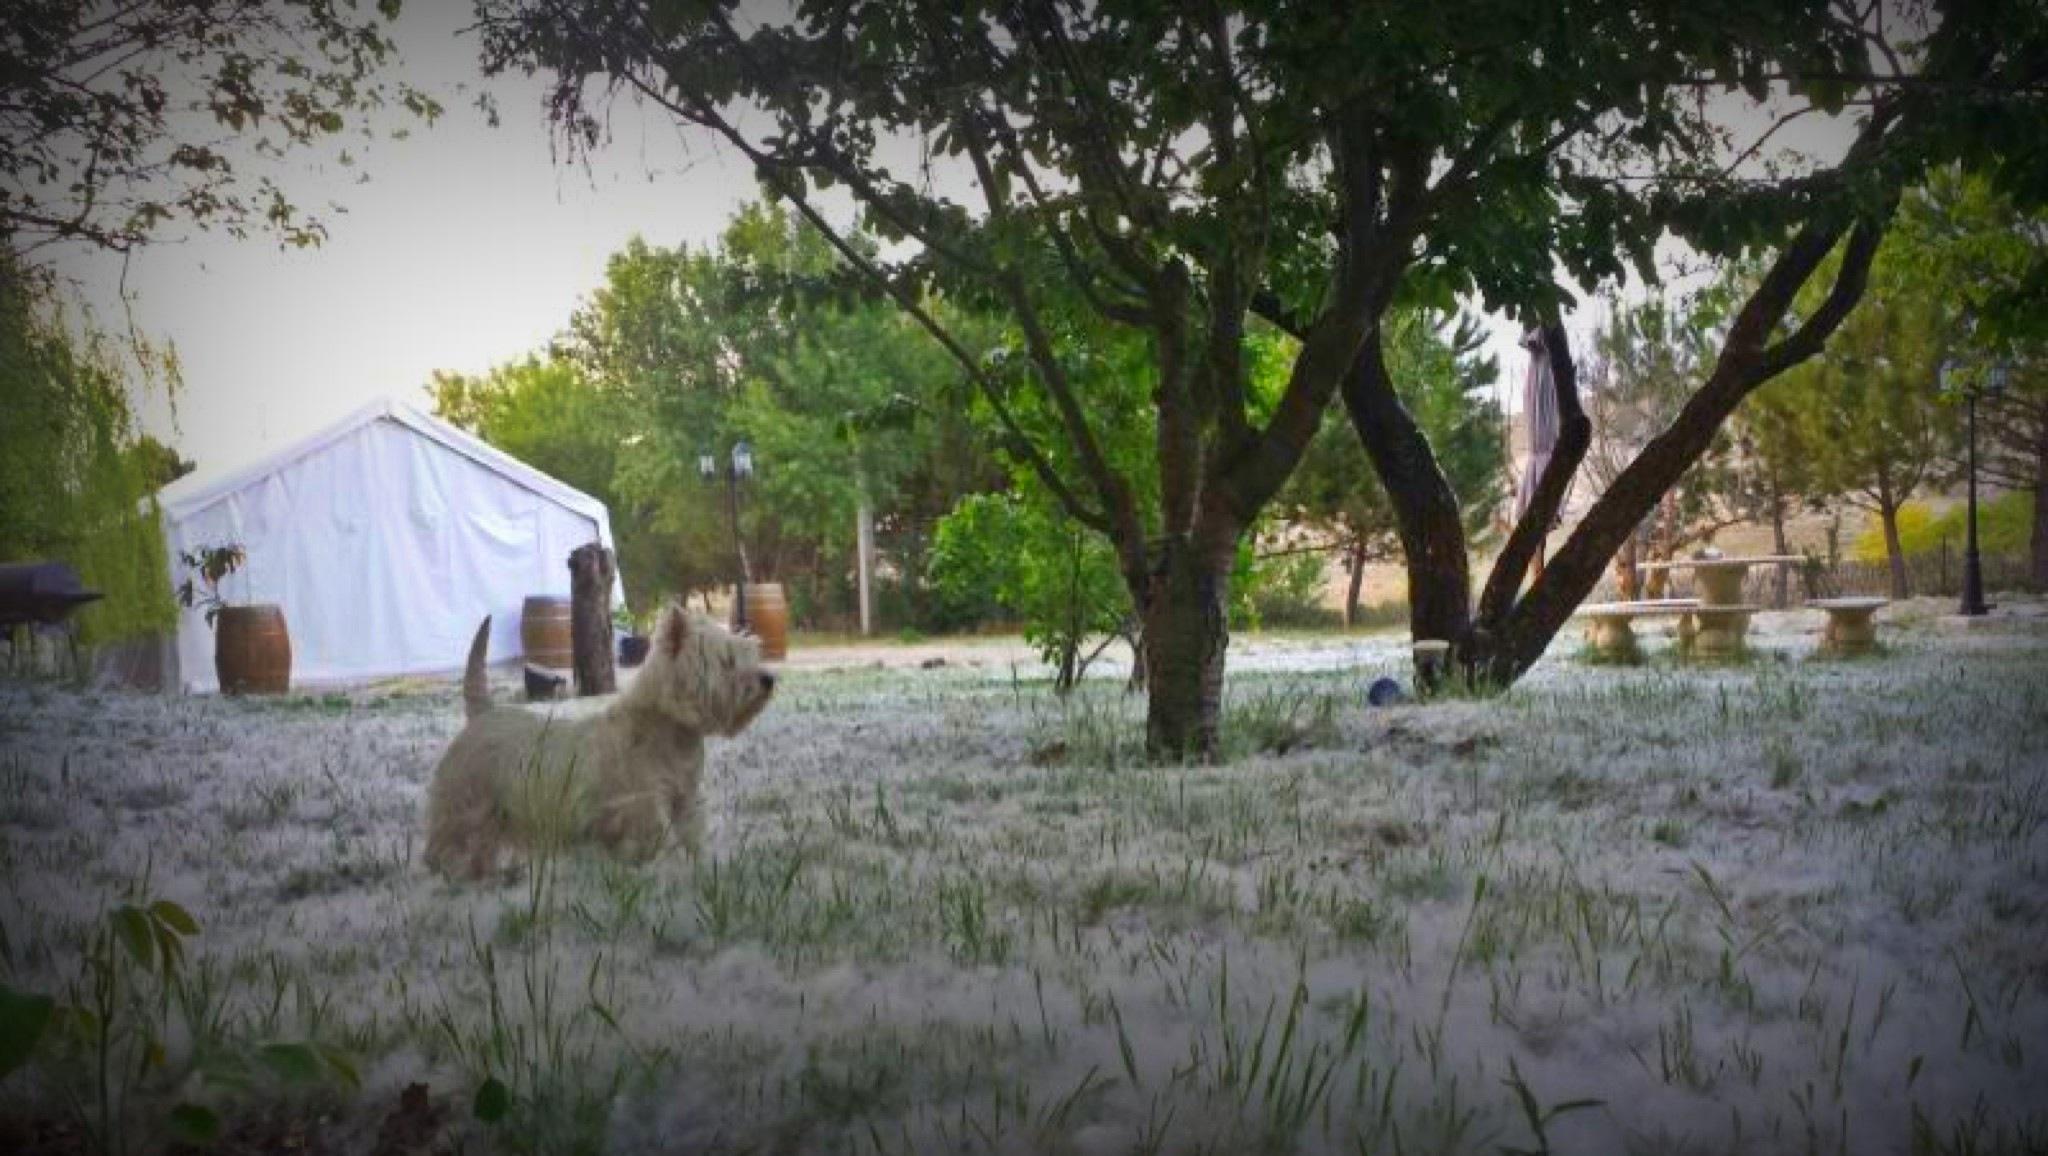 Westie Demerino en el jardín